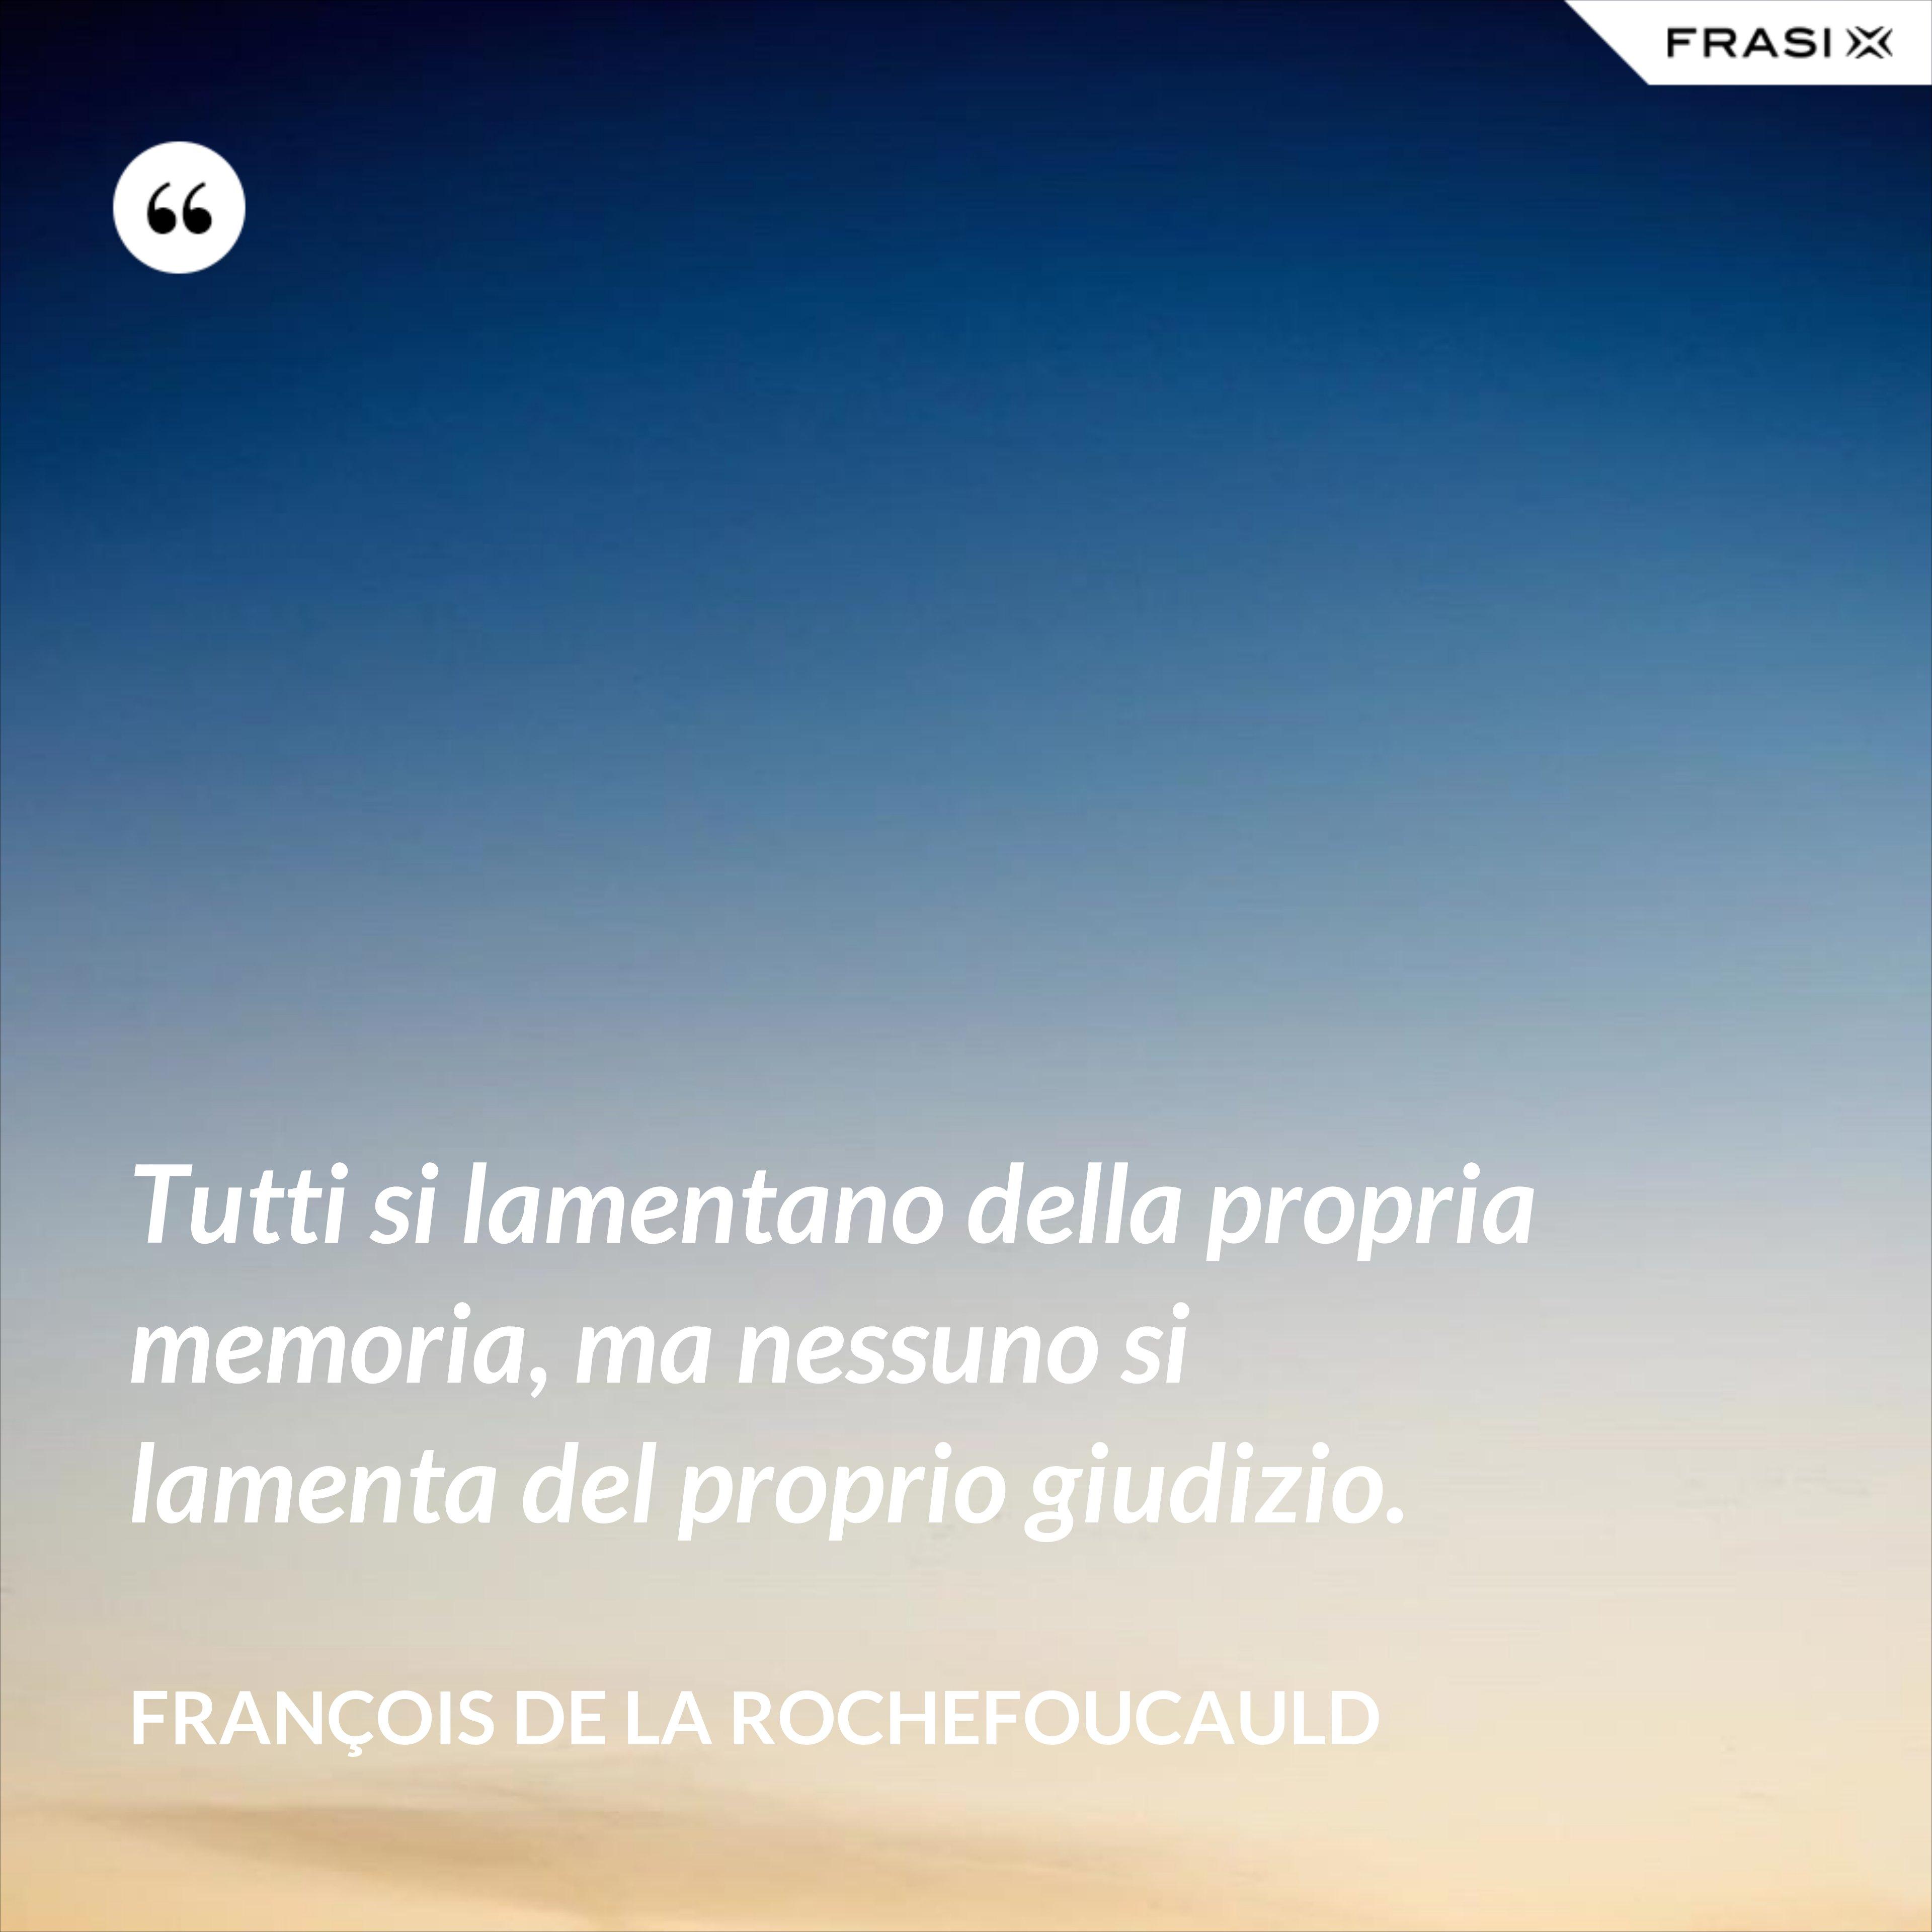 Tutti si lamentano della propria memoria, ma nessuno si lamenta del proprio giudizio. - François de La Rochefoucauld